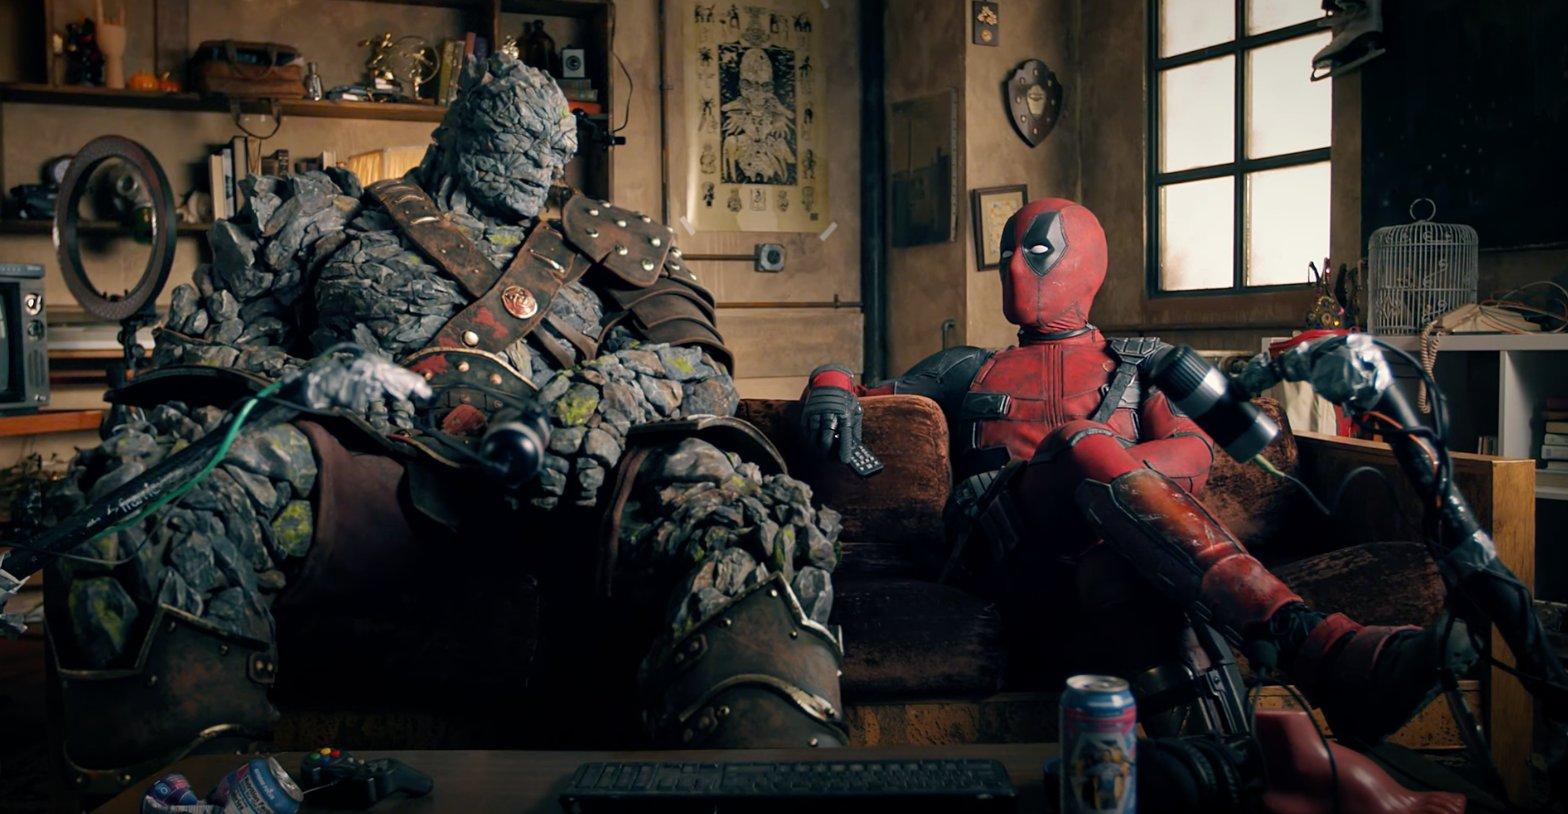 Deadpool and Korg Free Guy